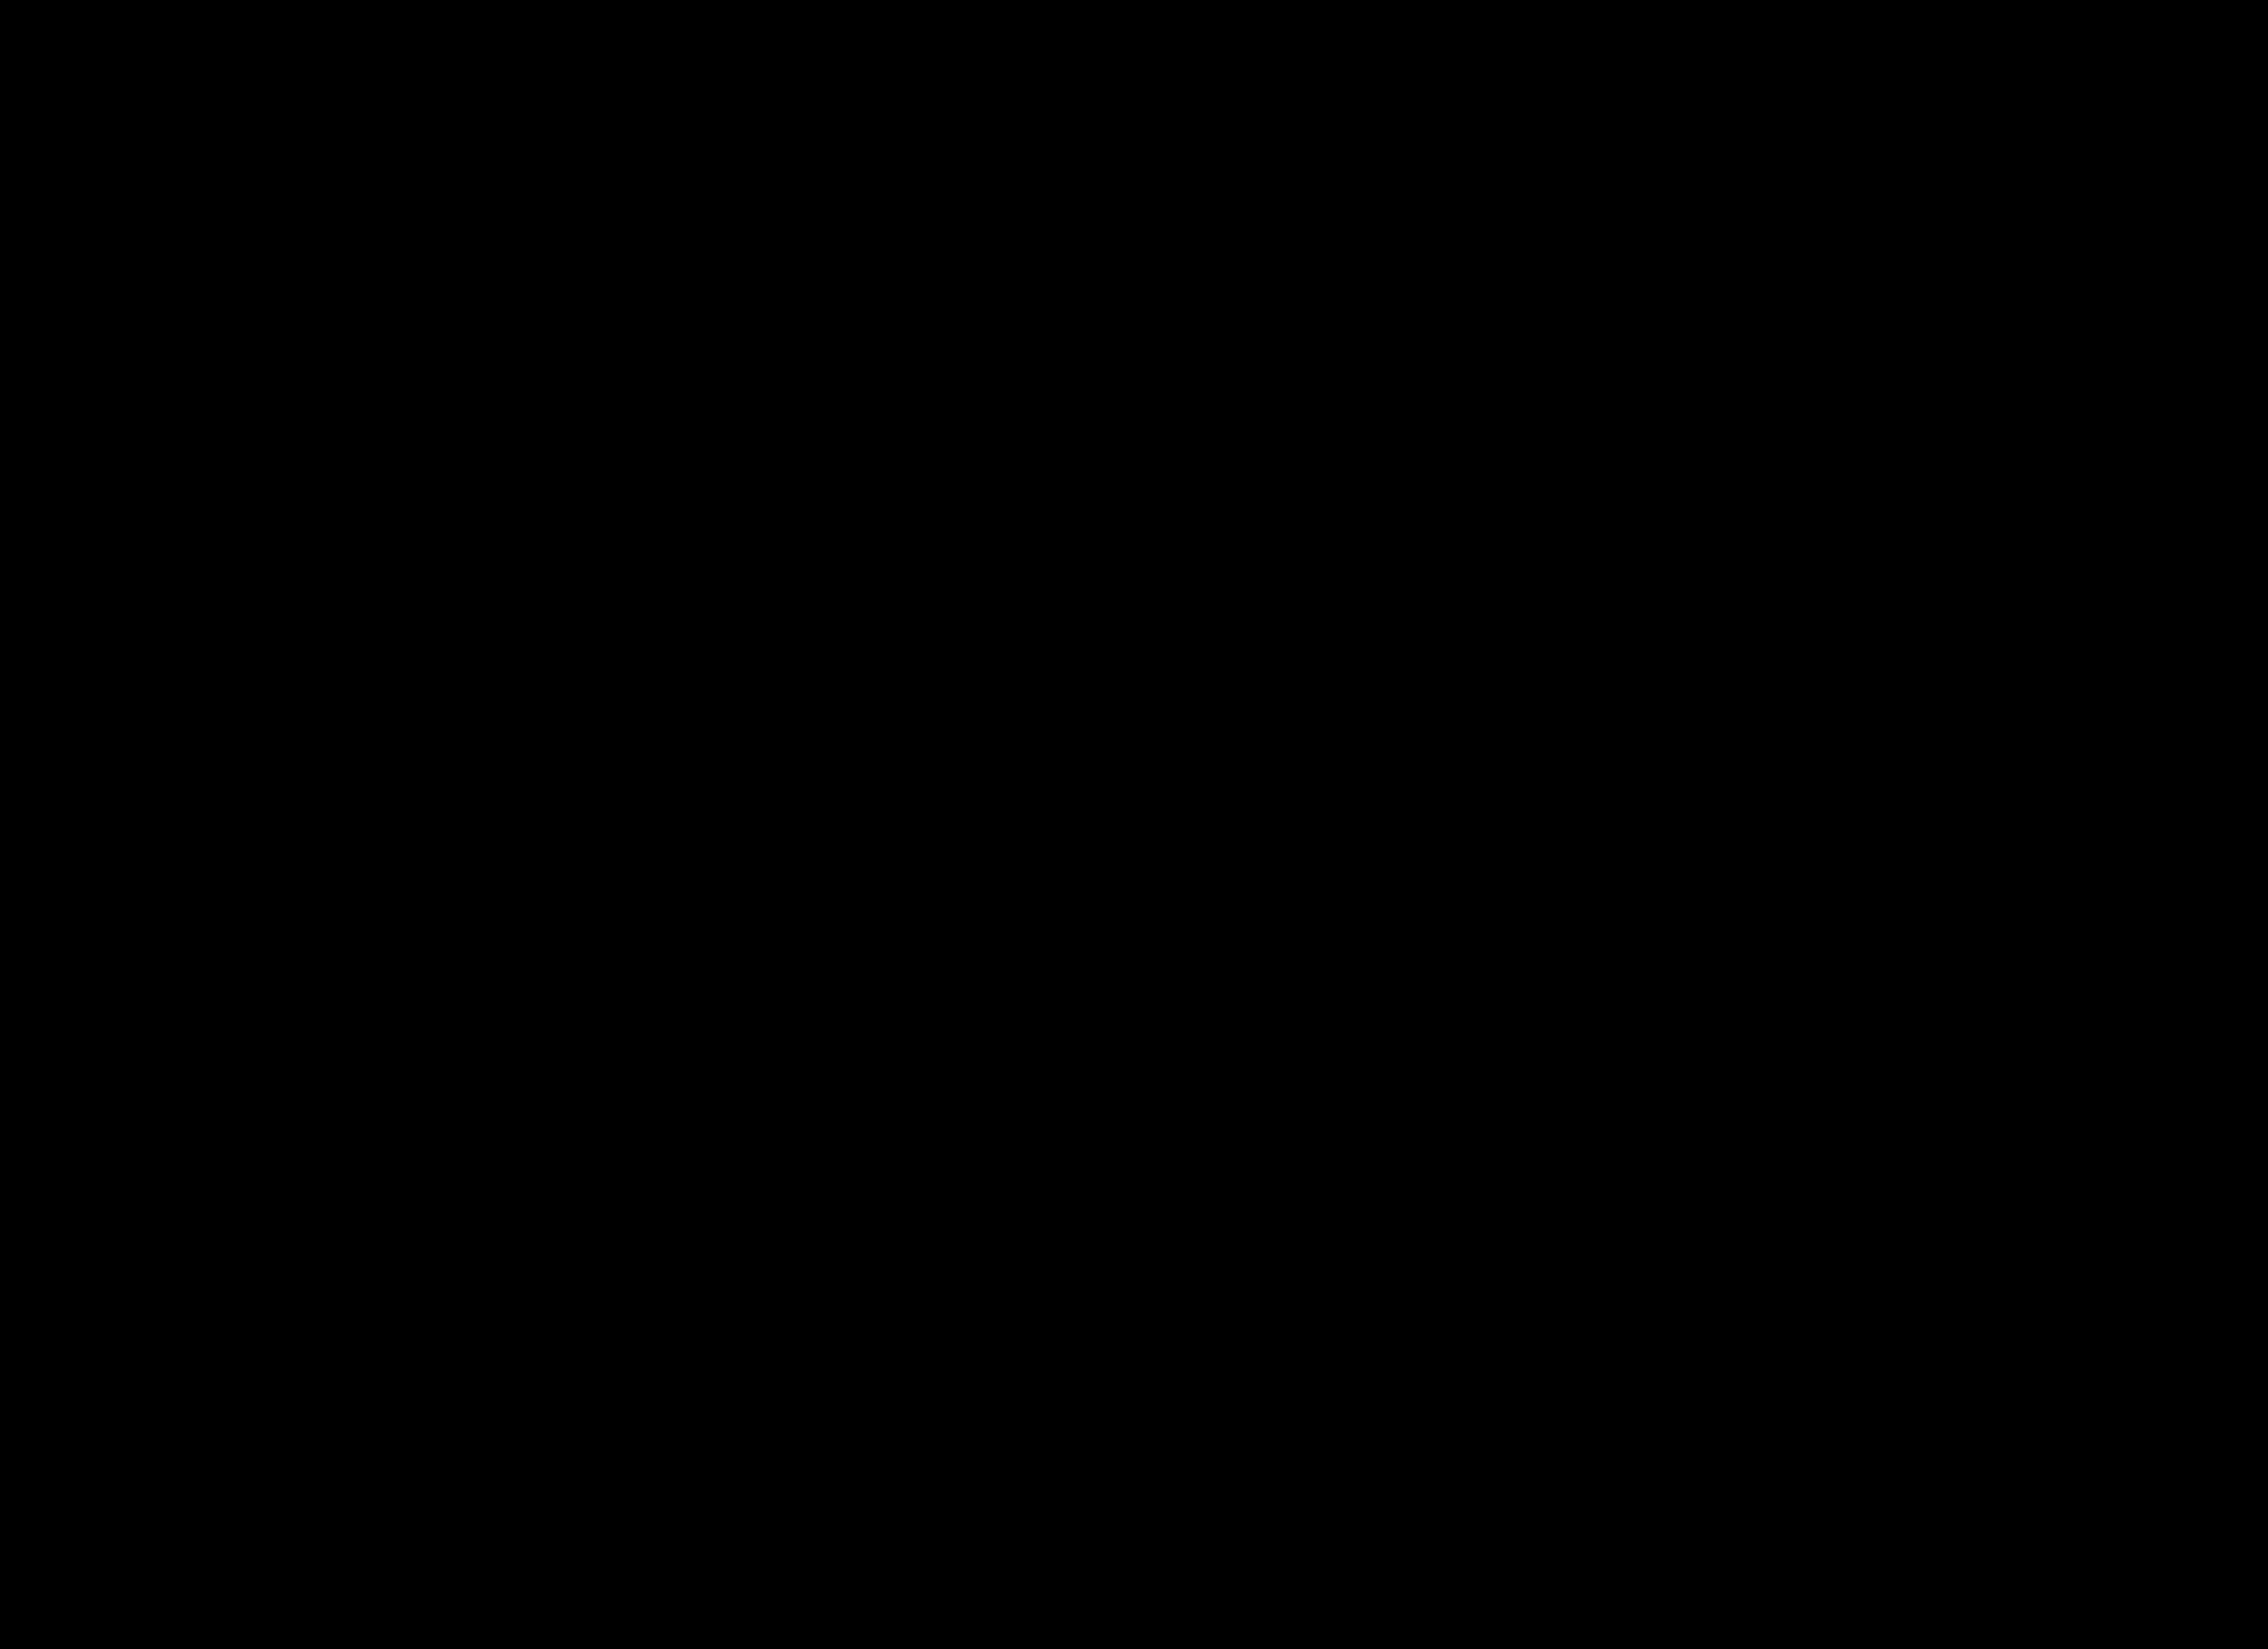 Kynefin logo copy.png